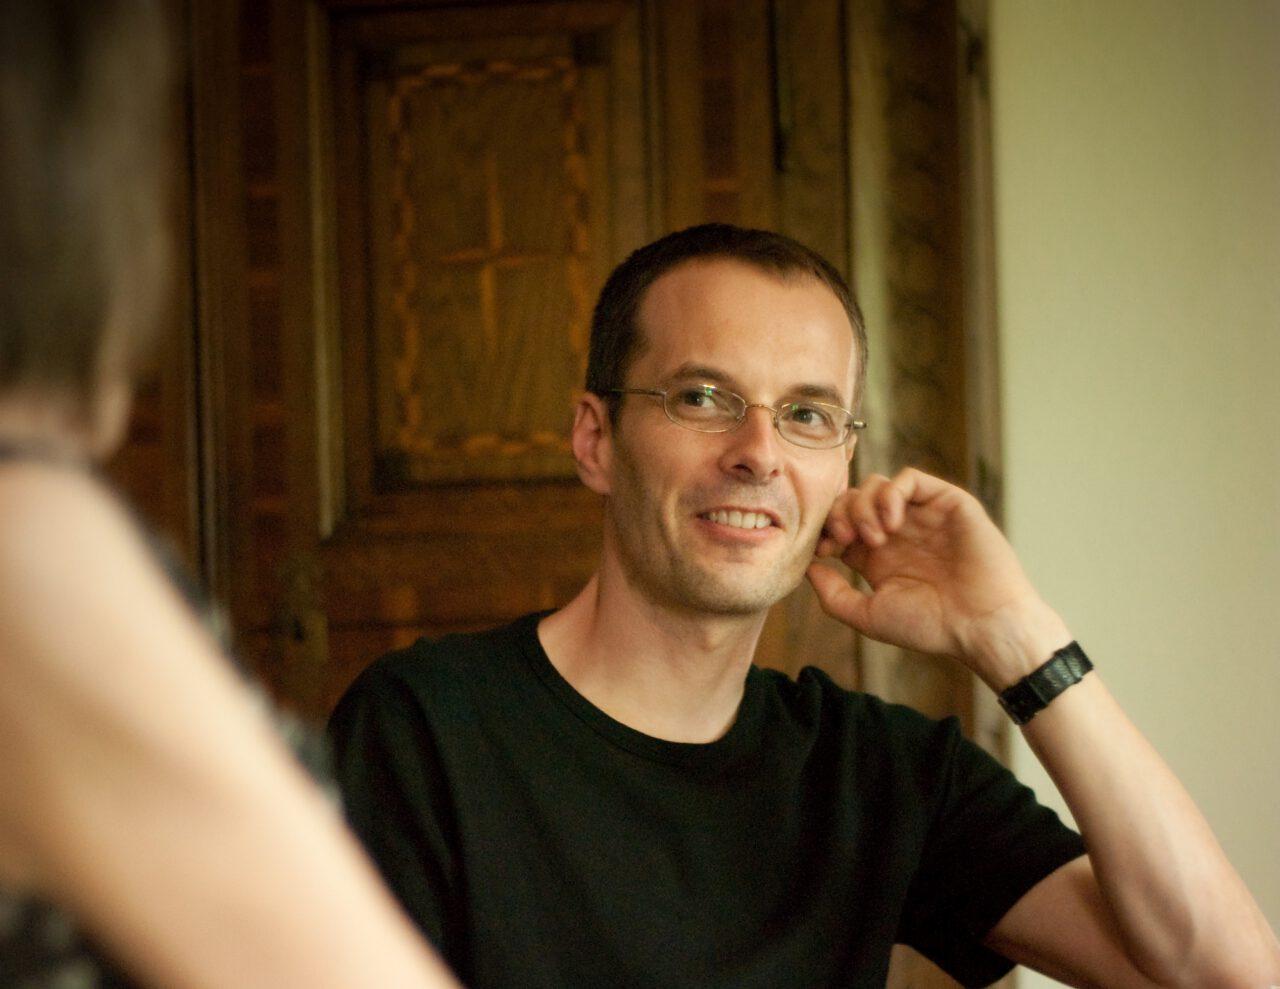 Der Theologe und Schriftsteller Georg Magirius bricht laut Gabriele Wohmann das letzte Tabu - Foto von Jule Kühn